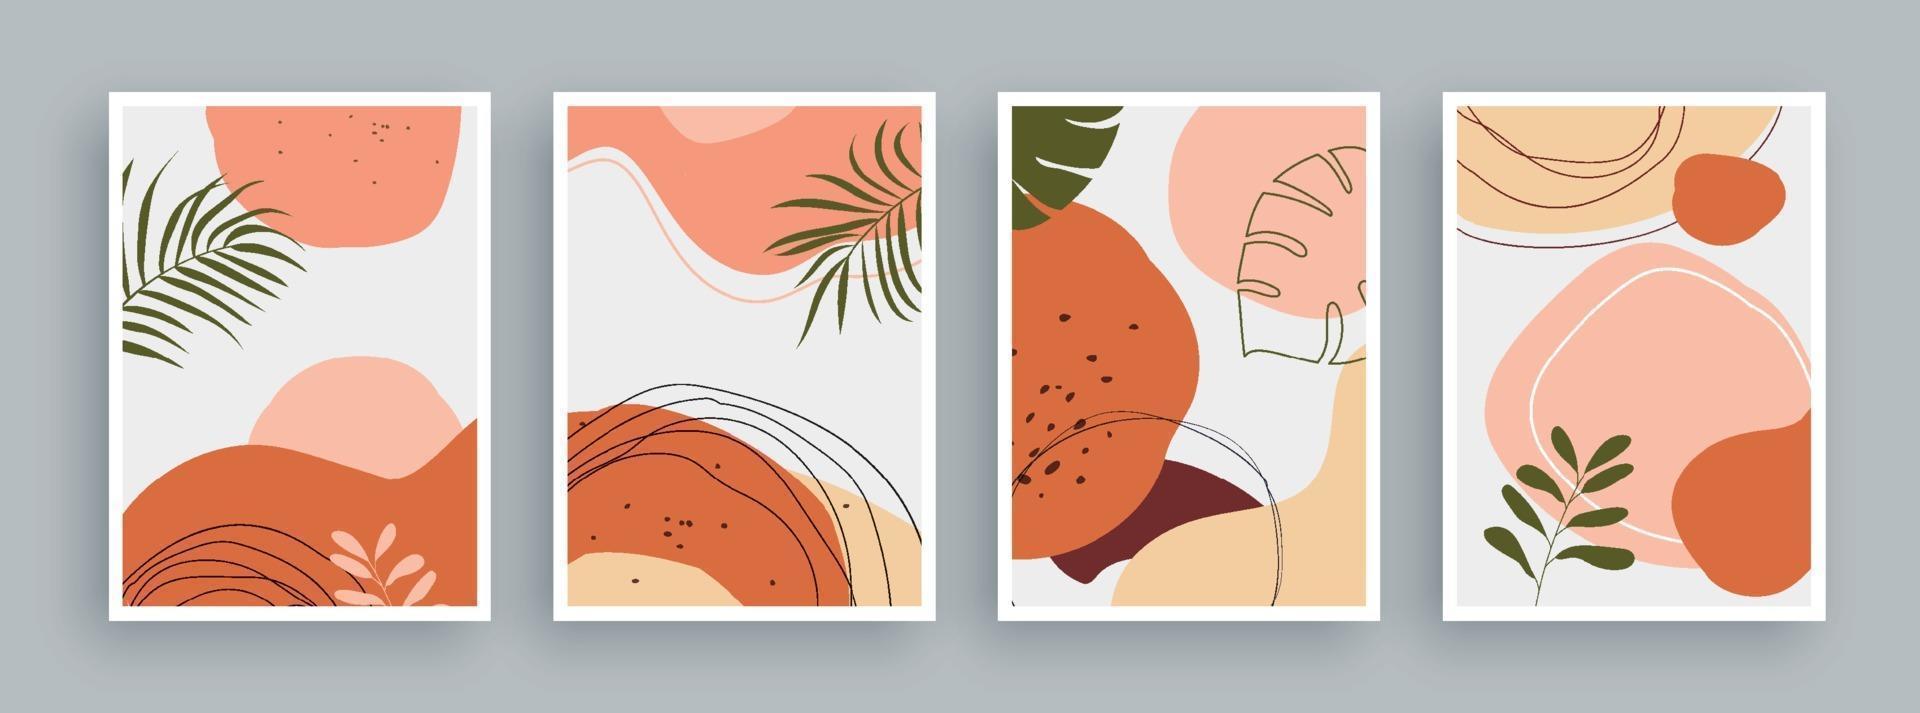 peinture d'art abstrait avec fond de couleurs pastel. éléments géométriques minimalistes et ligne dessinée à la main. style nordique scandinave du milieu du siècle. vecteur